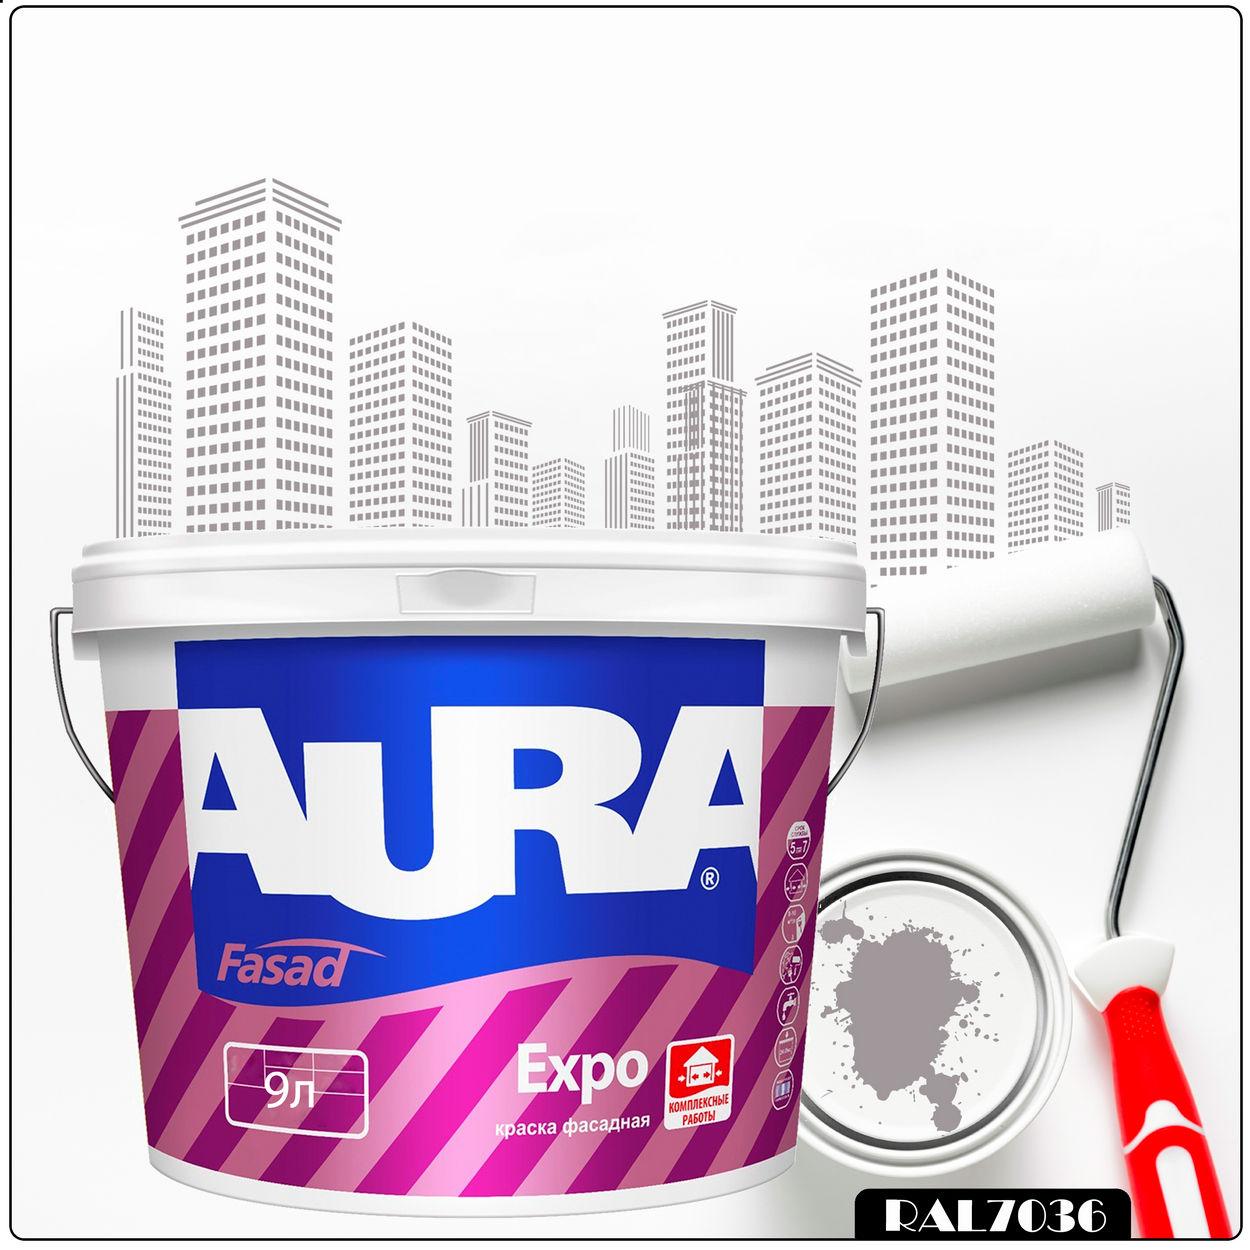 Фото 1 - Краска Aura Fasad Expo, RAL 7036 Серая-платина, матовая, для фасадов и помещений с повышенной влажностью, 9л.